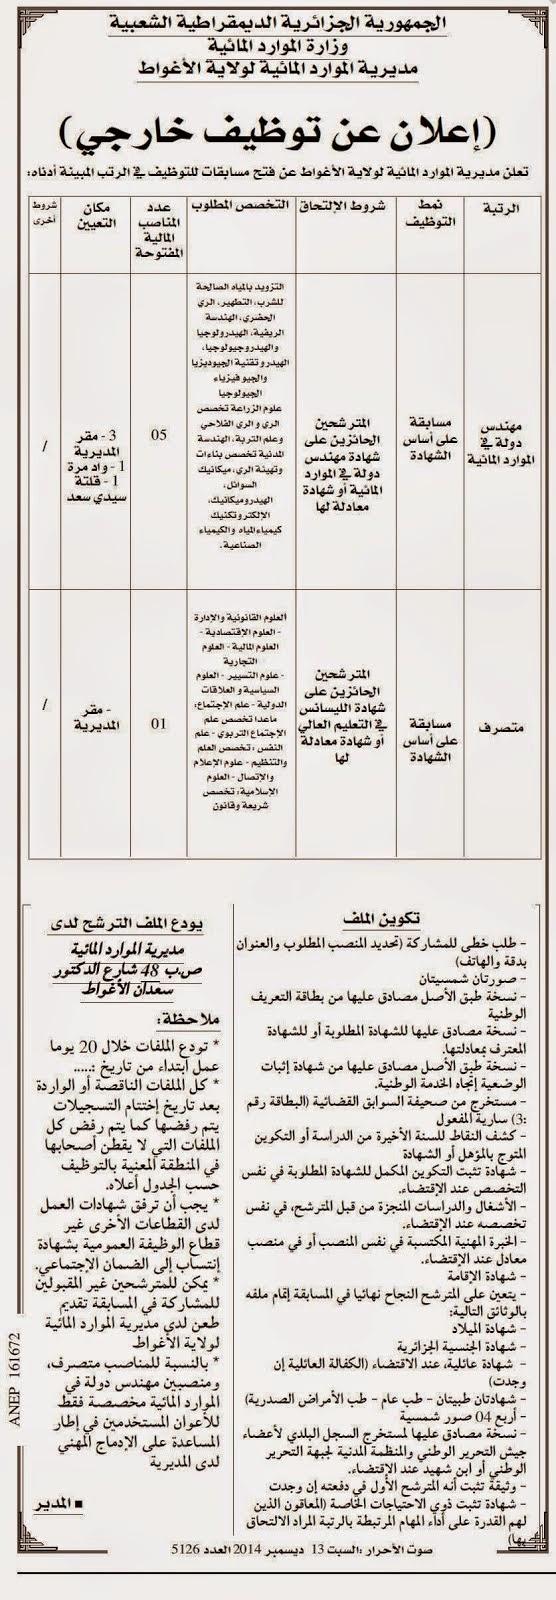 أعلان توظيف مديرية الموارد المائية لولاية الأغواط